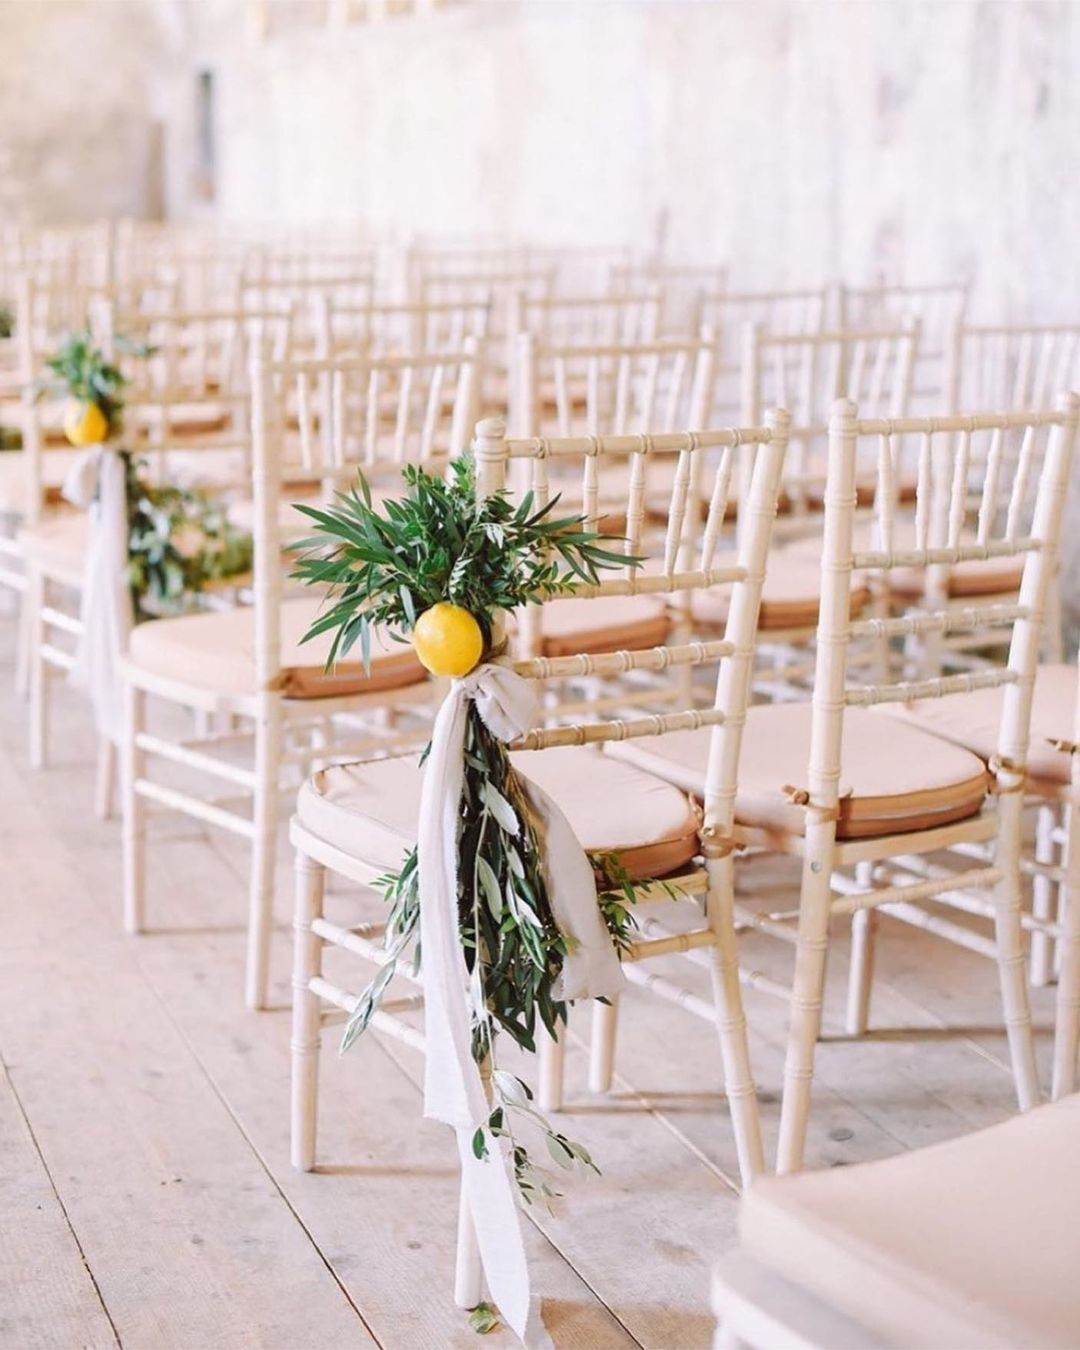 lemon chair decorations